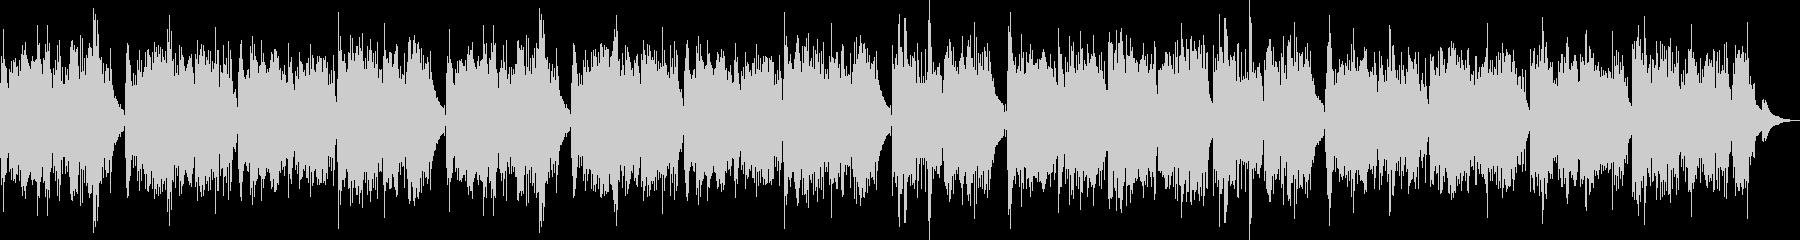 森林の中を表現したギターソロの未再生の波形